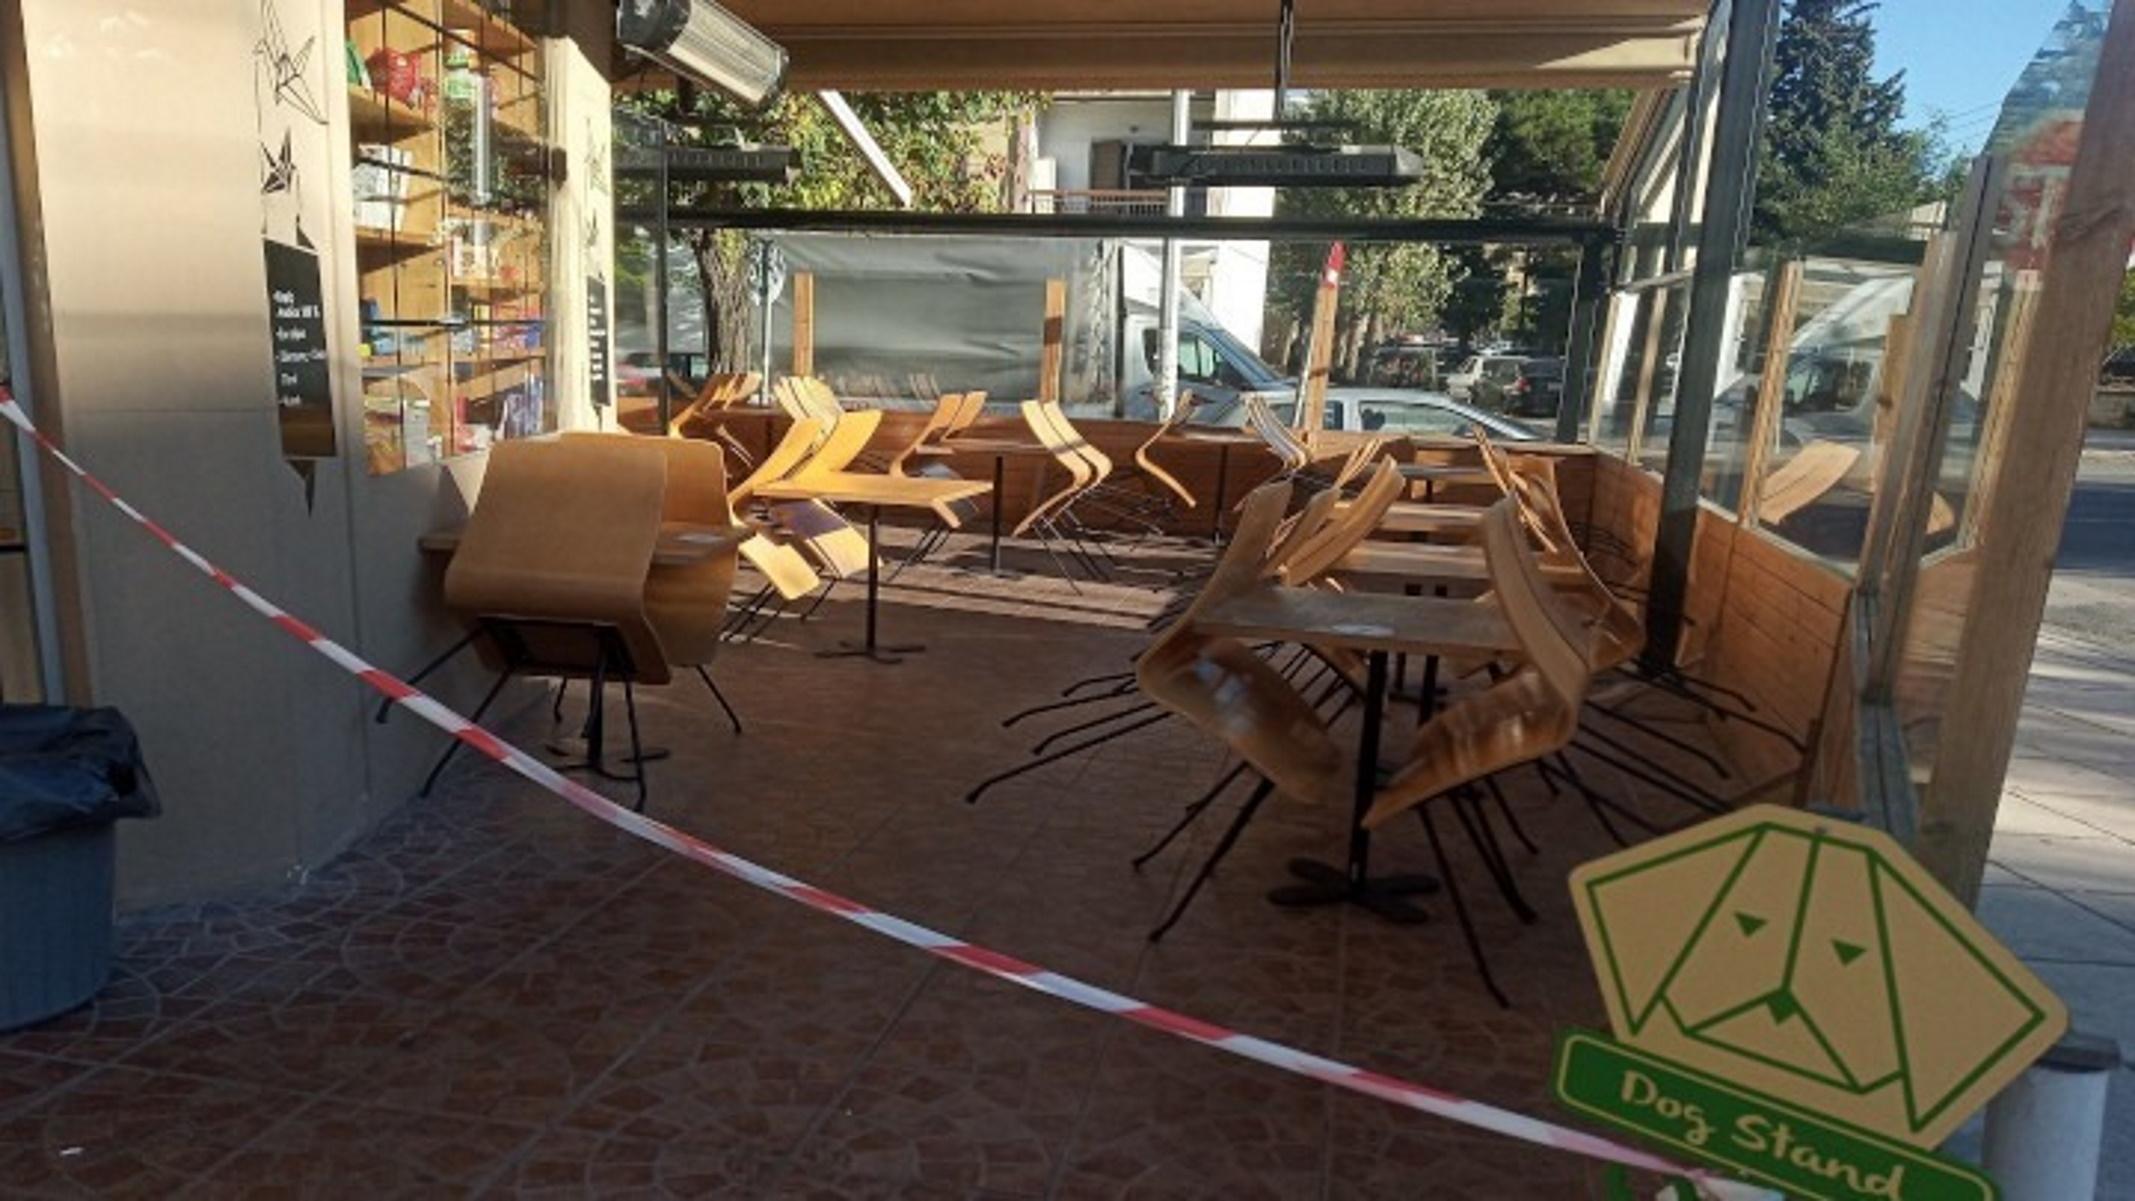 Θεσσαλονίκη: «Λυπητερές» 5.000 ευρώ σε ταβέρνα και καφέ μπαρ – «Ξηλώθηκαν» και οι πελάτες